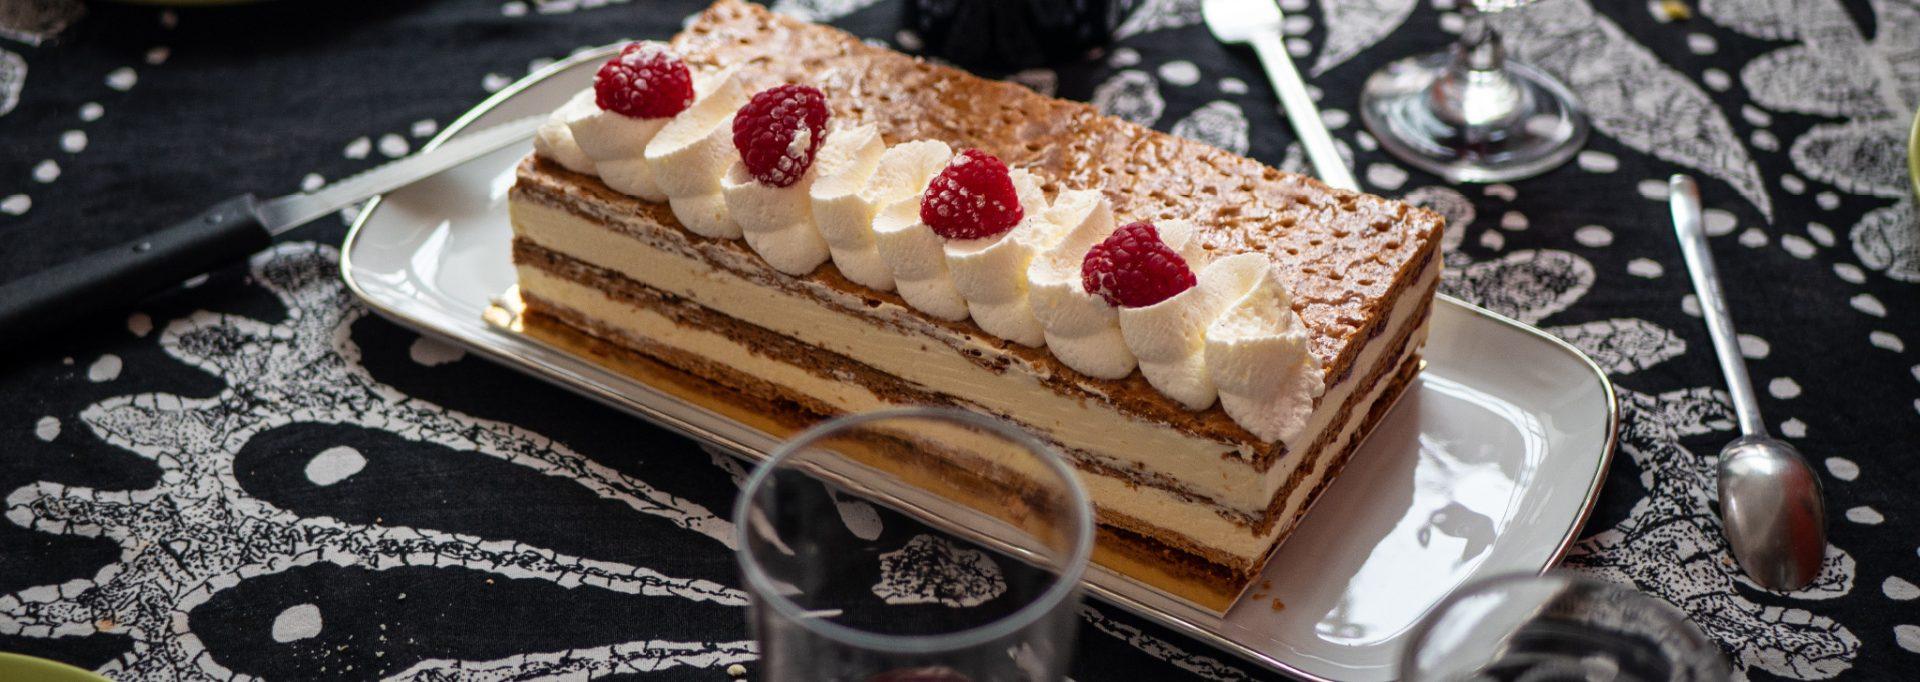 intro to dessert wines desserts